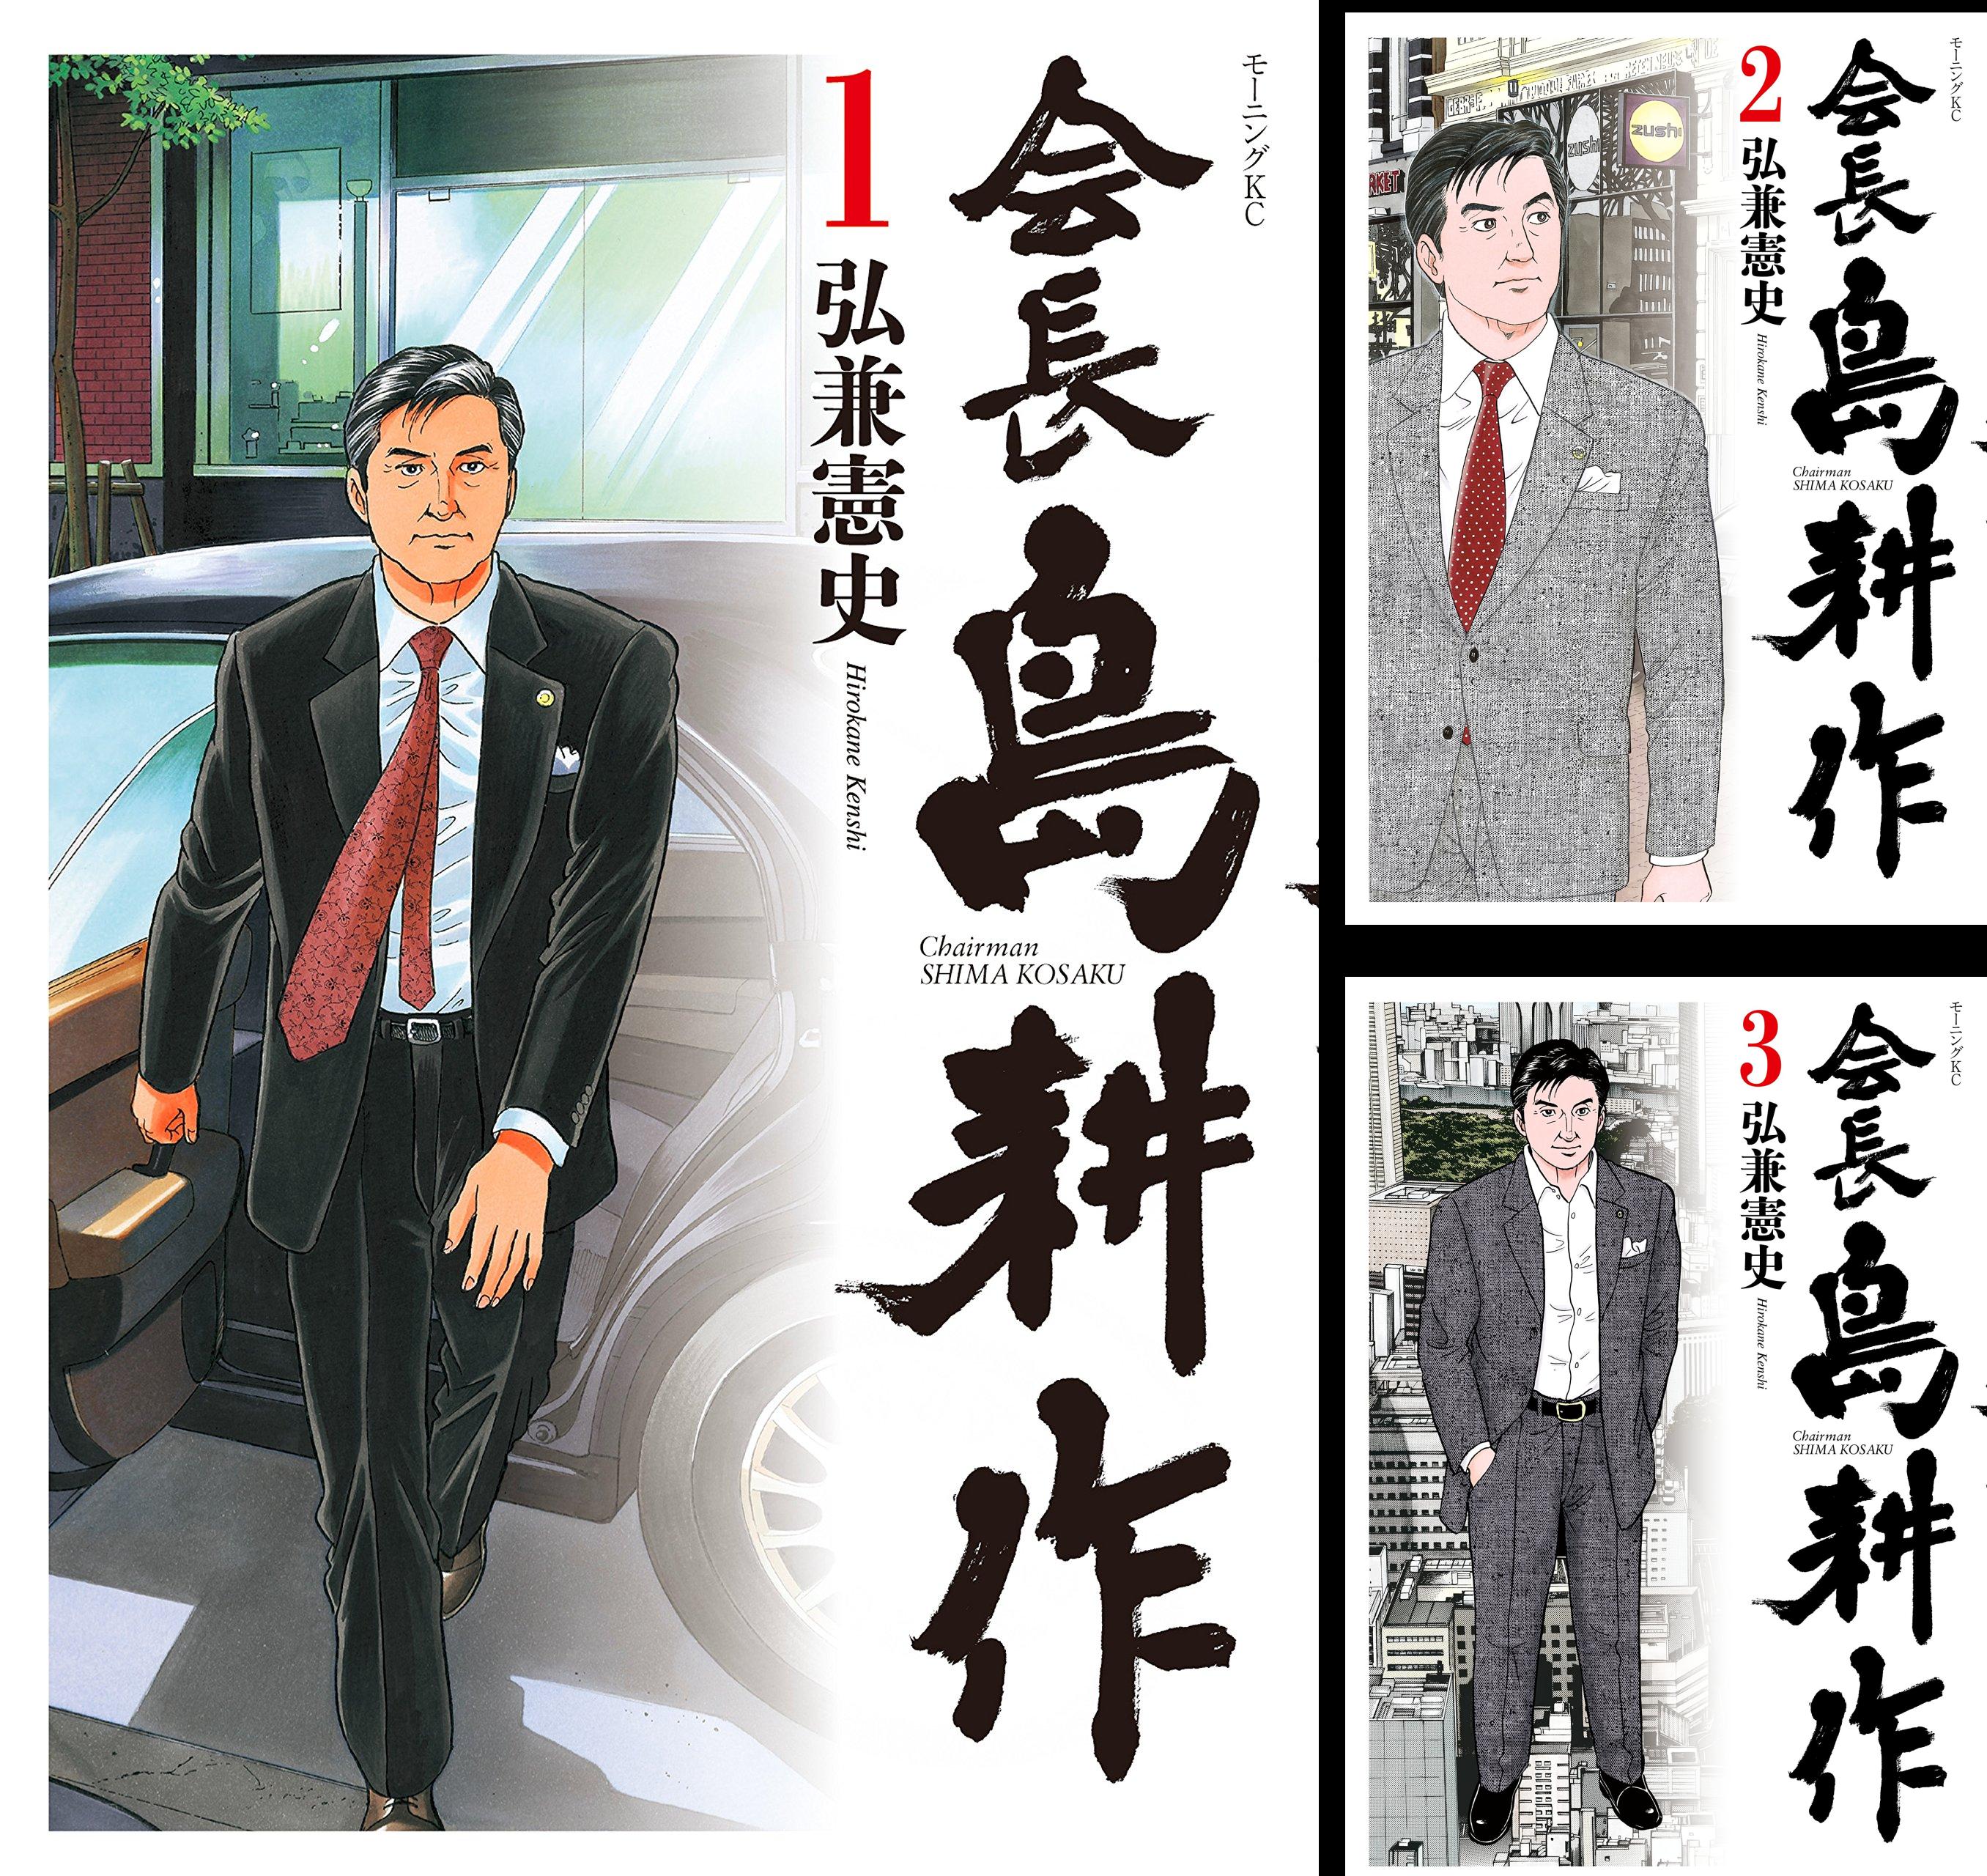 [まとめ買い] 会長 島耕作(モーニングコミックス) 【Kindle版】